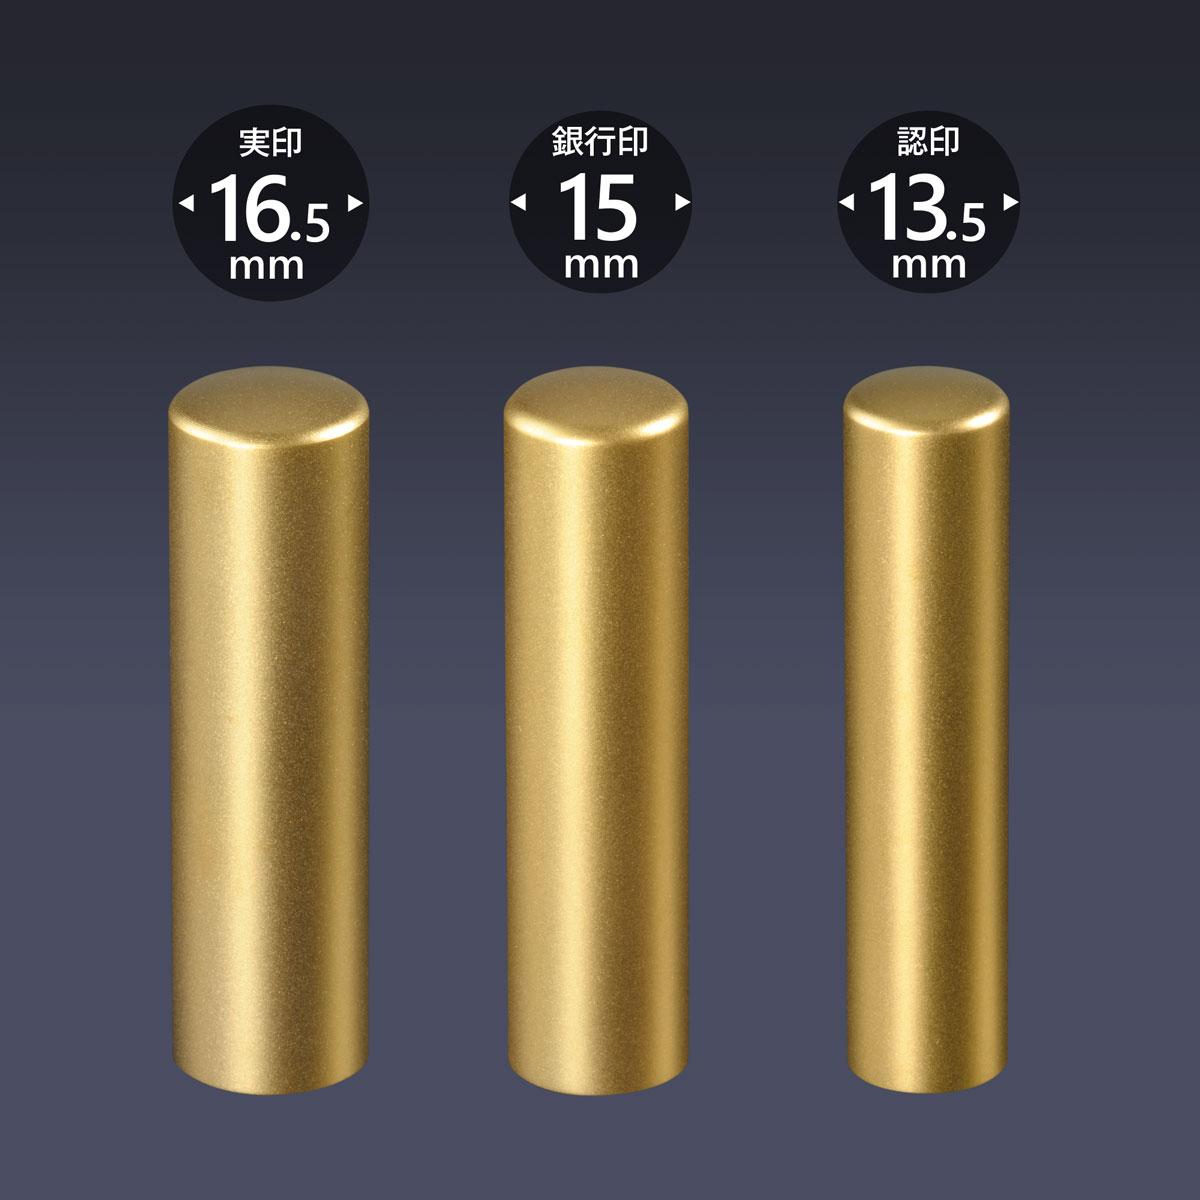 個人印 ブラストチタン(ゴールド) 3本Lセット/ 女性 印鑑 男性 実印 銀行印 認印 はんこ 判子 プレゼント ギフト